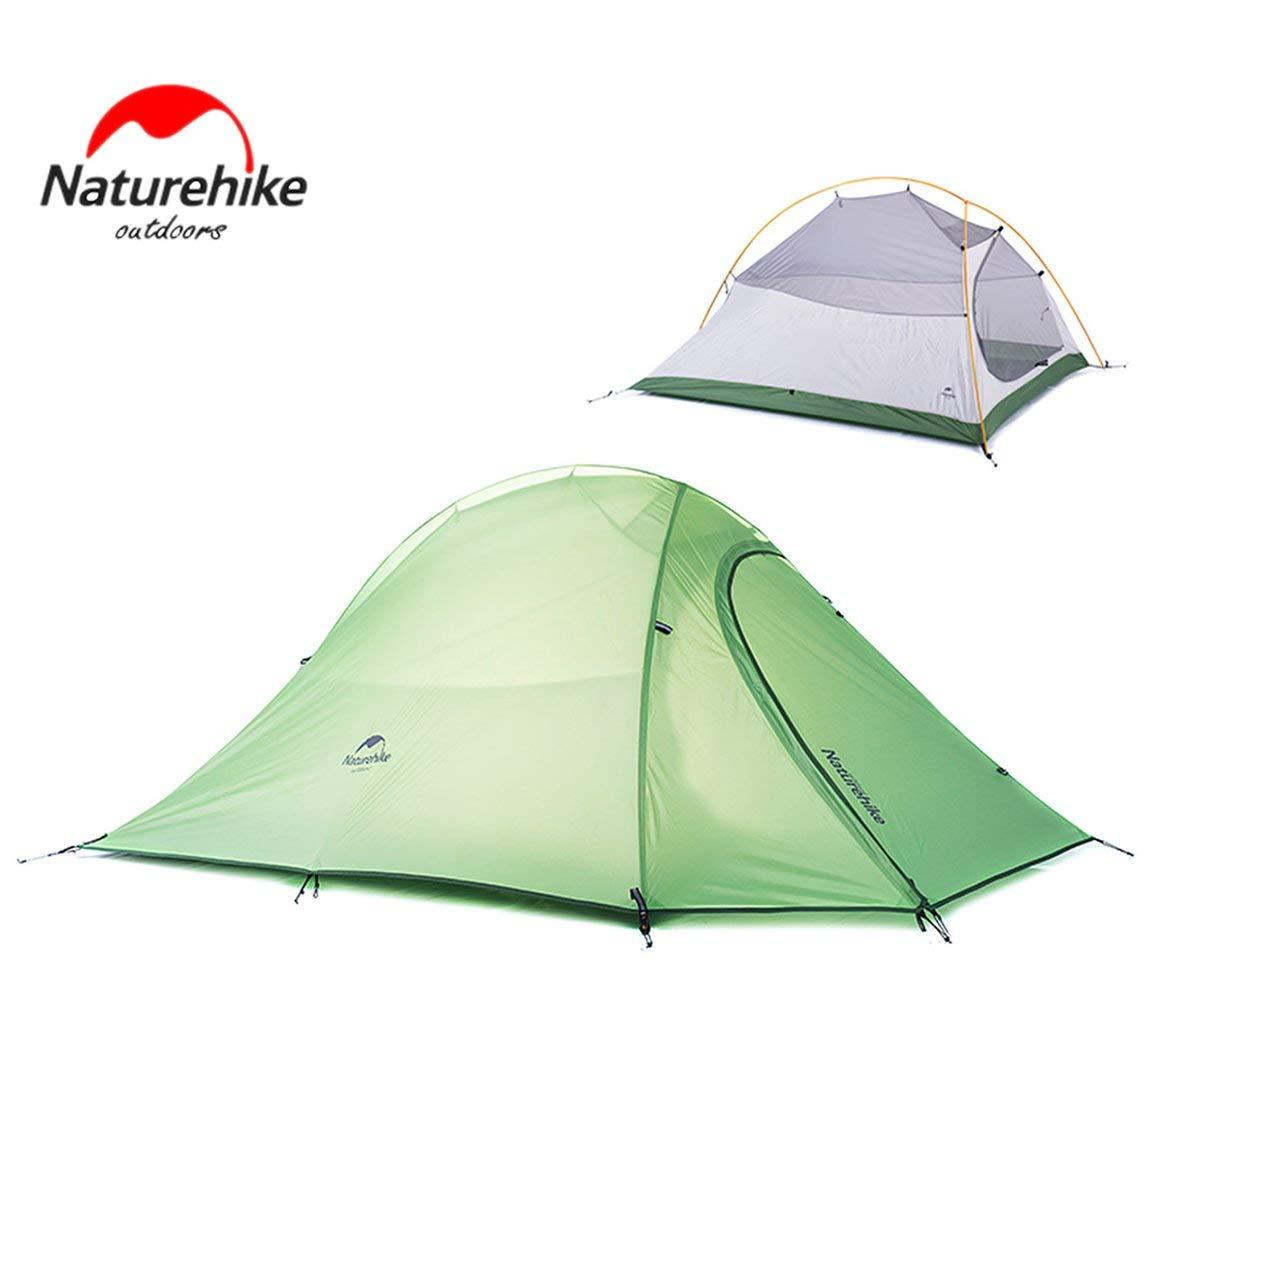 Doppel beschichtet 20D Silikon beschichtet Doppel Vier Jahreszeiten ultraleichtes Camping Outdoor-Zelt 40e768